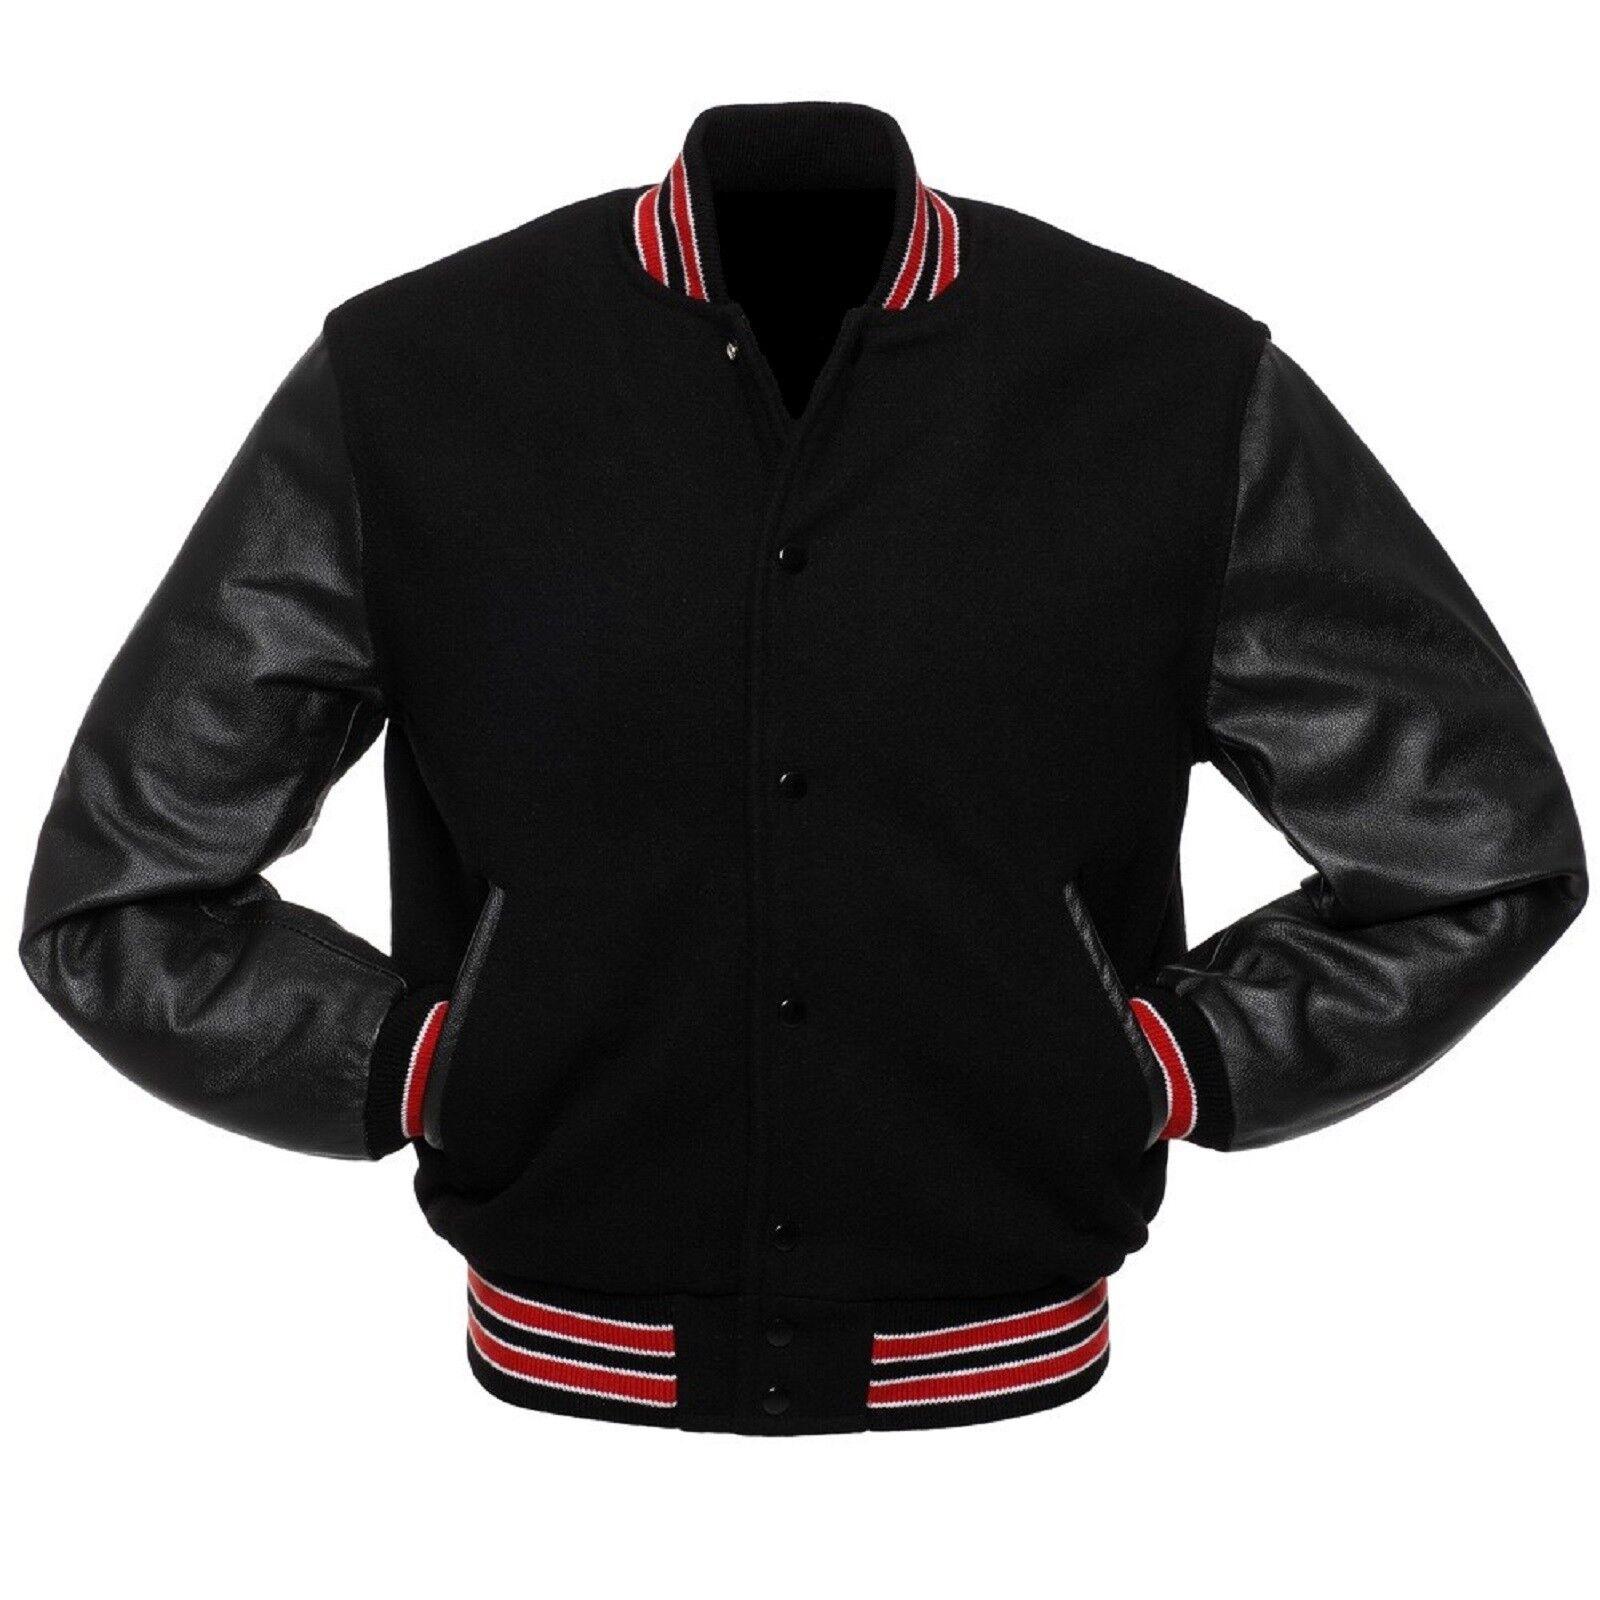 Lana Nero nera in in nera vera pelle Maniche Varsity Letterman Giacche Rosso e Bianco a Coste 20676e